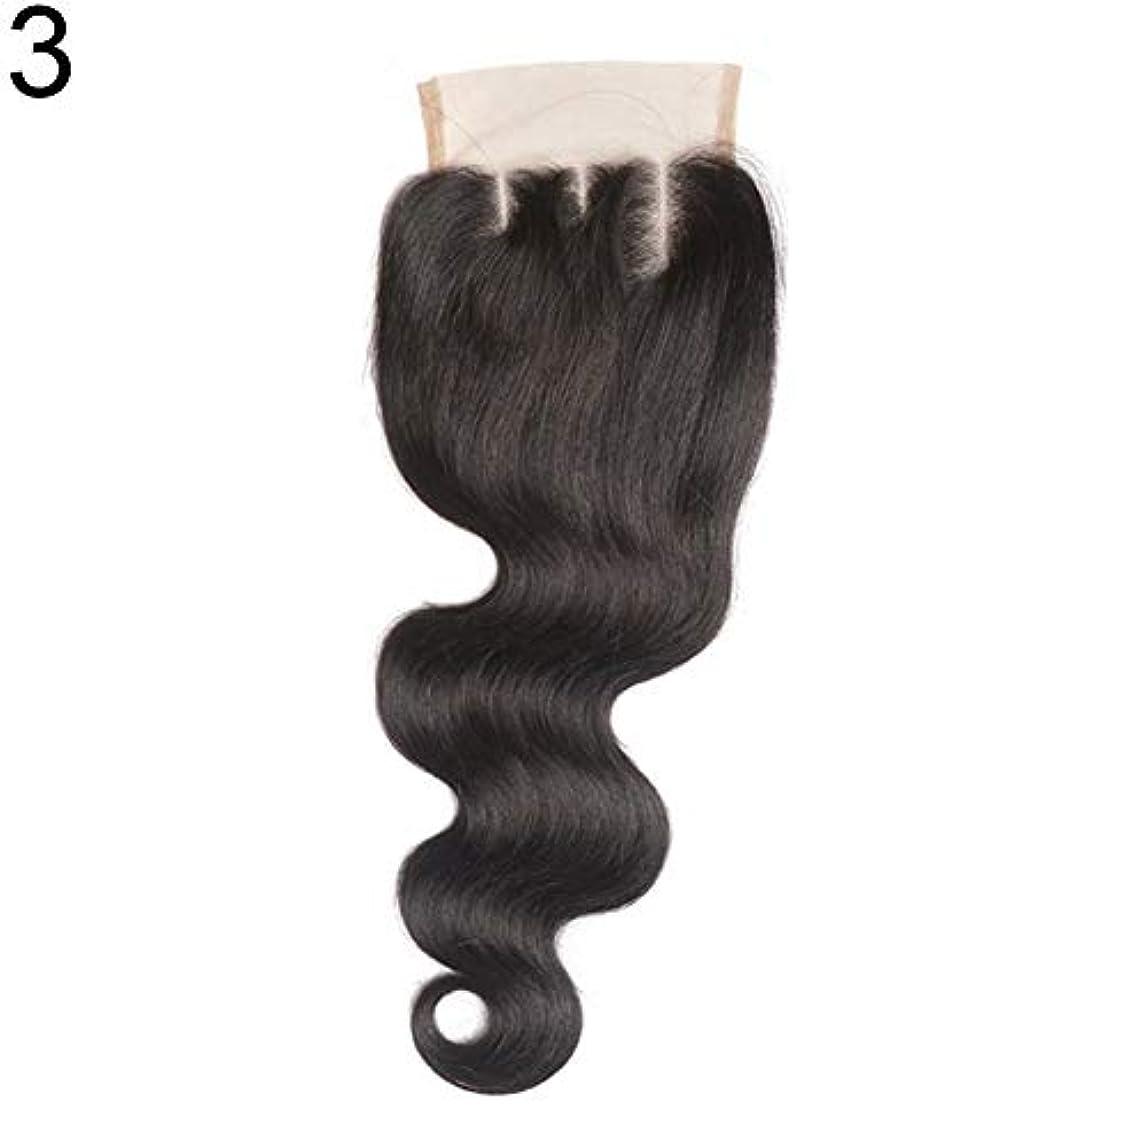 地上の賠償賢明なslQinjiansav女性ウィッグ修理ツールブラジルのミドル/フリー/3部人間の髪のレース閉鎖ウィッグ黒ヘアピース